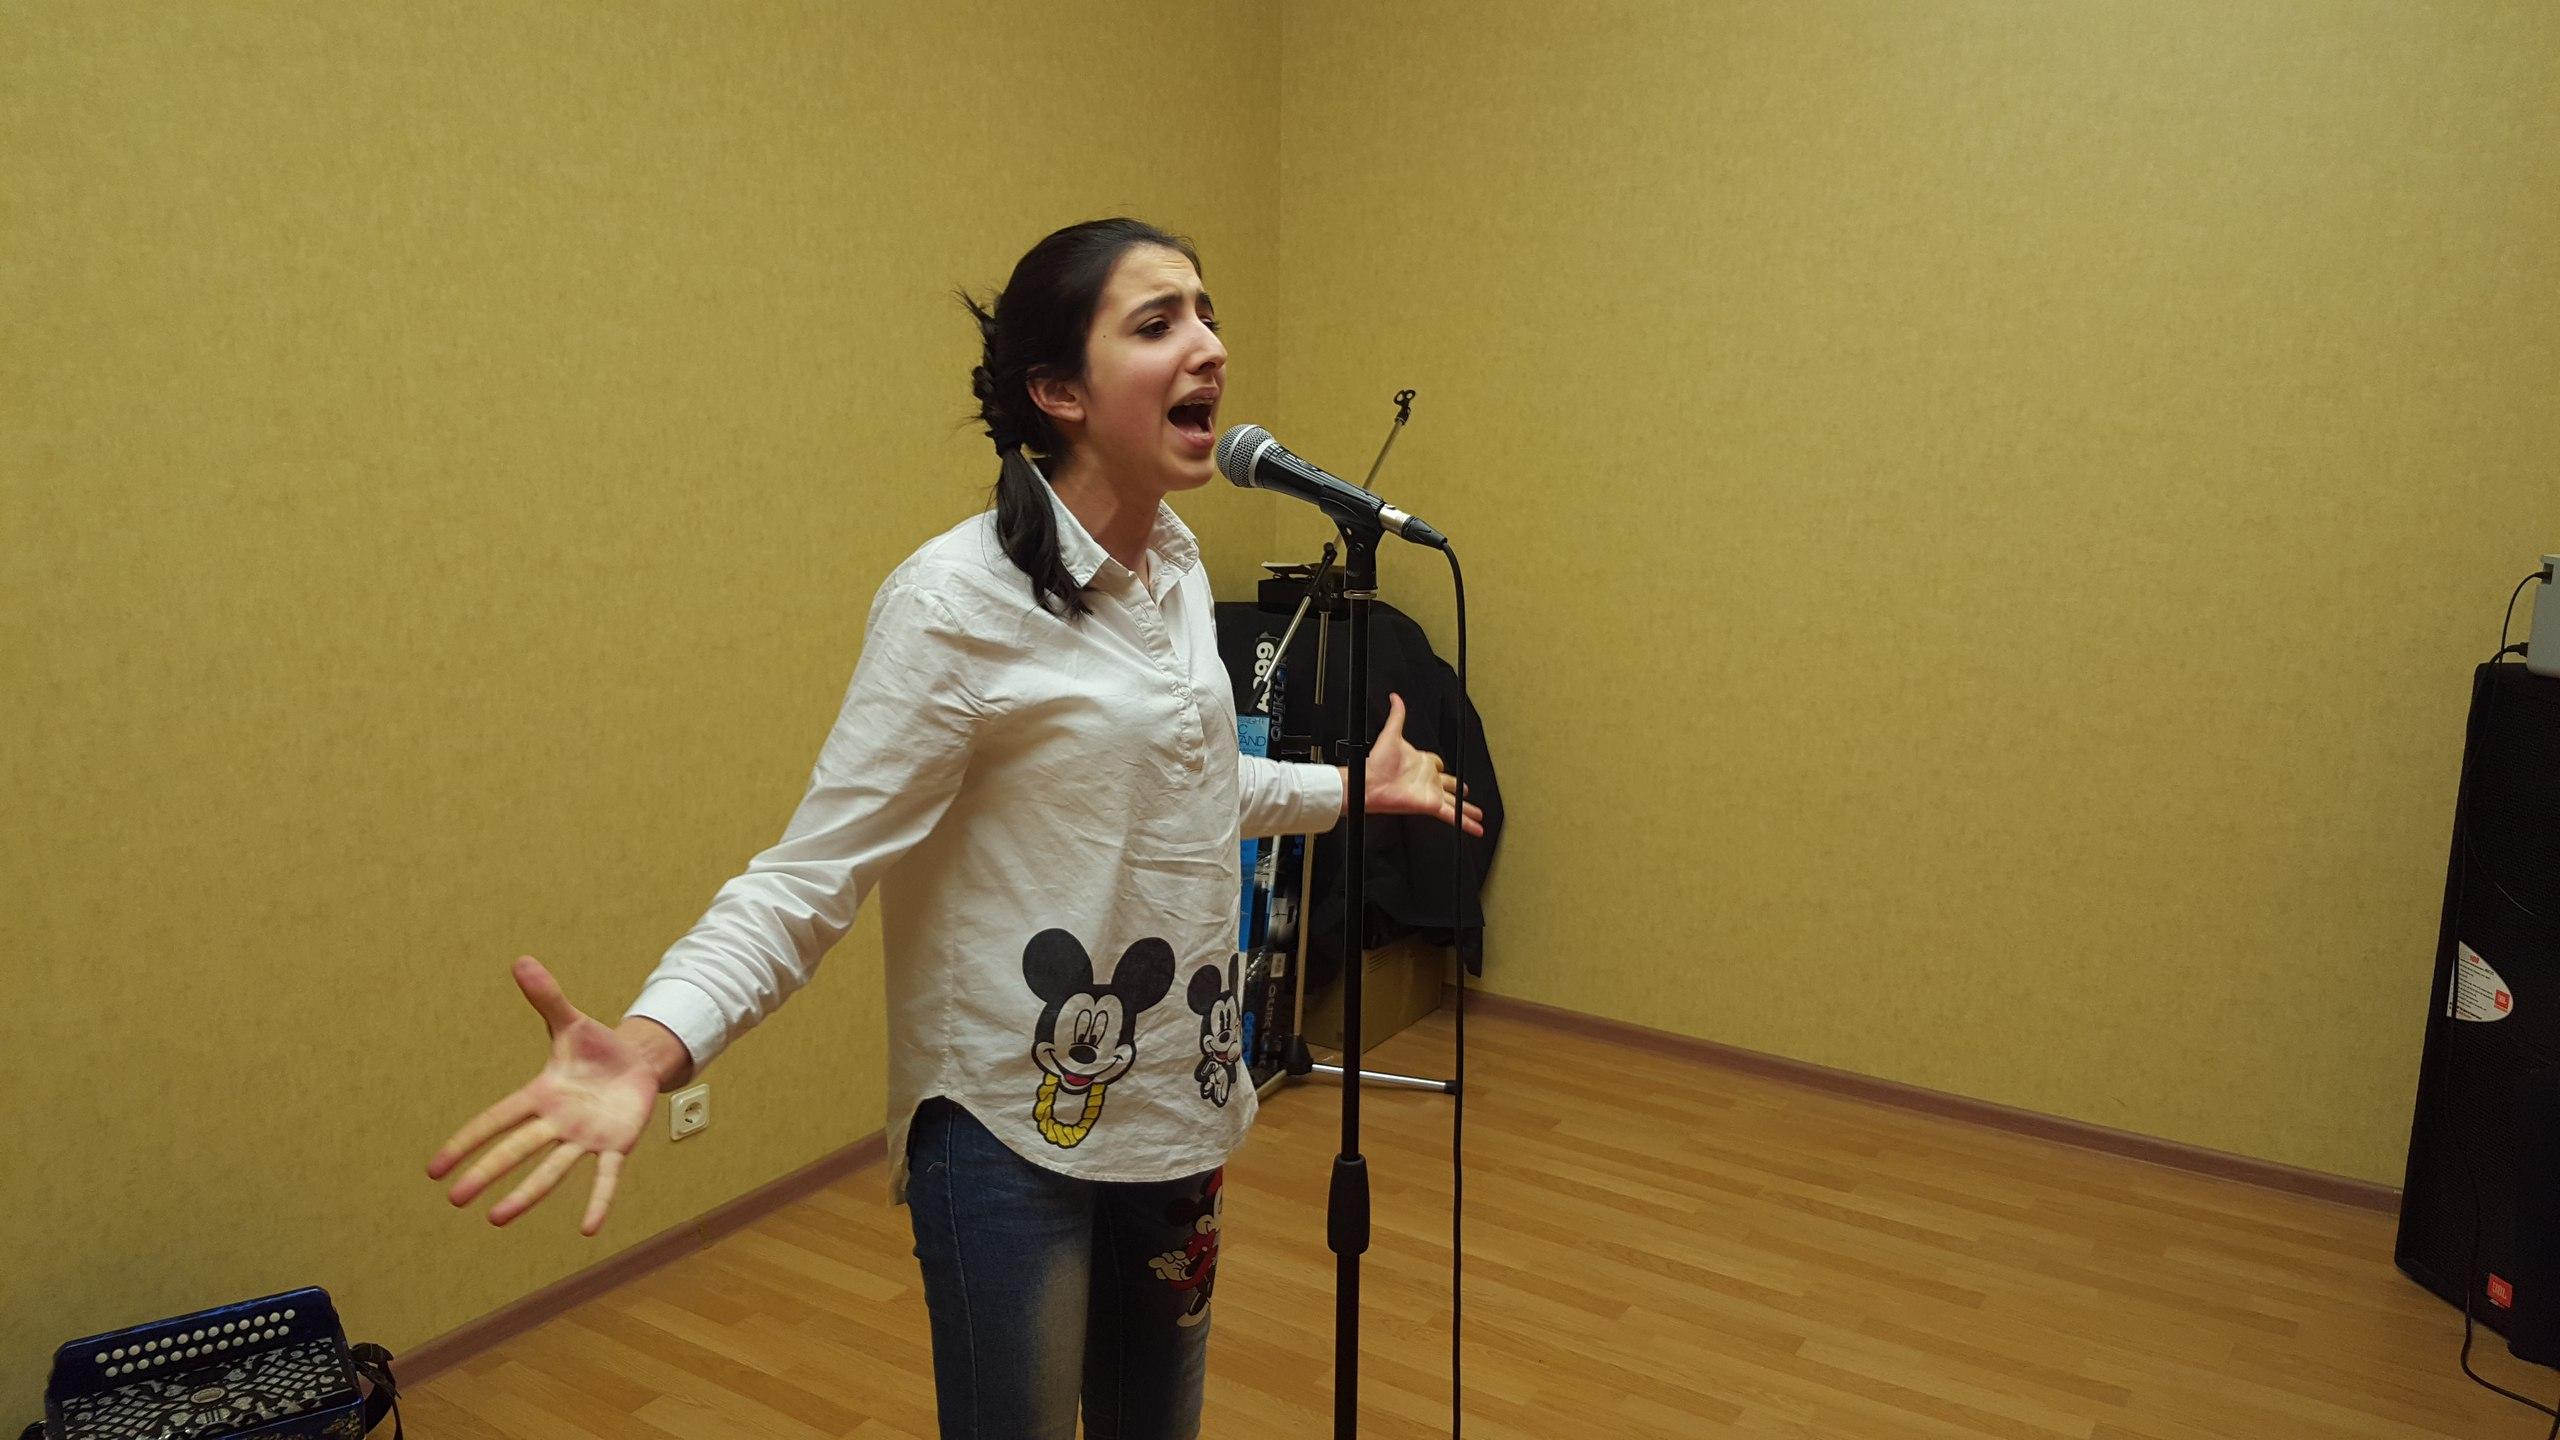 Карина Исмаилова споет в дуэте с Ёлкой